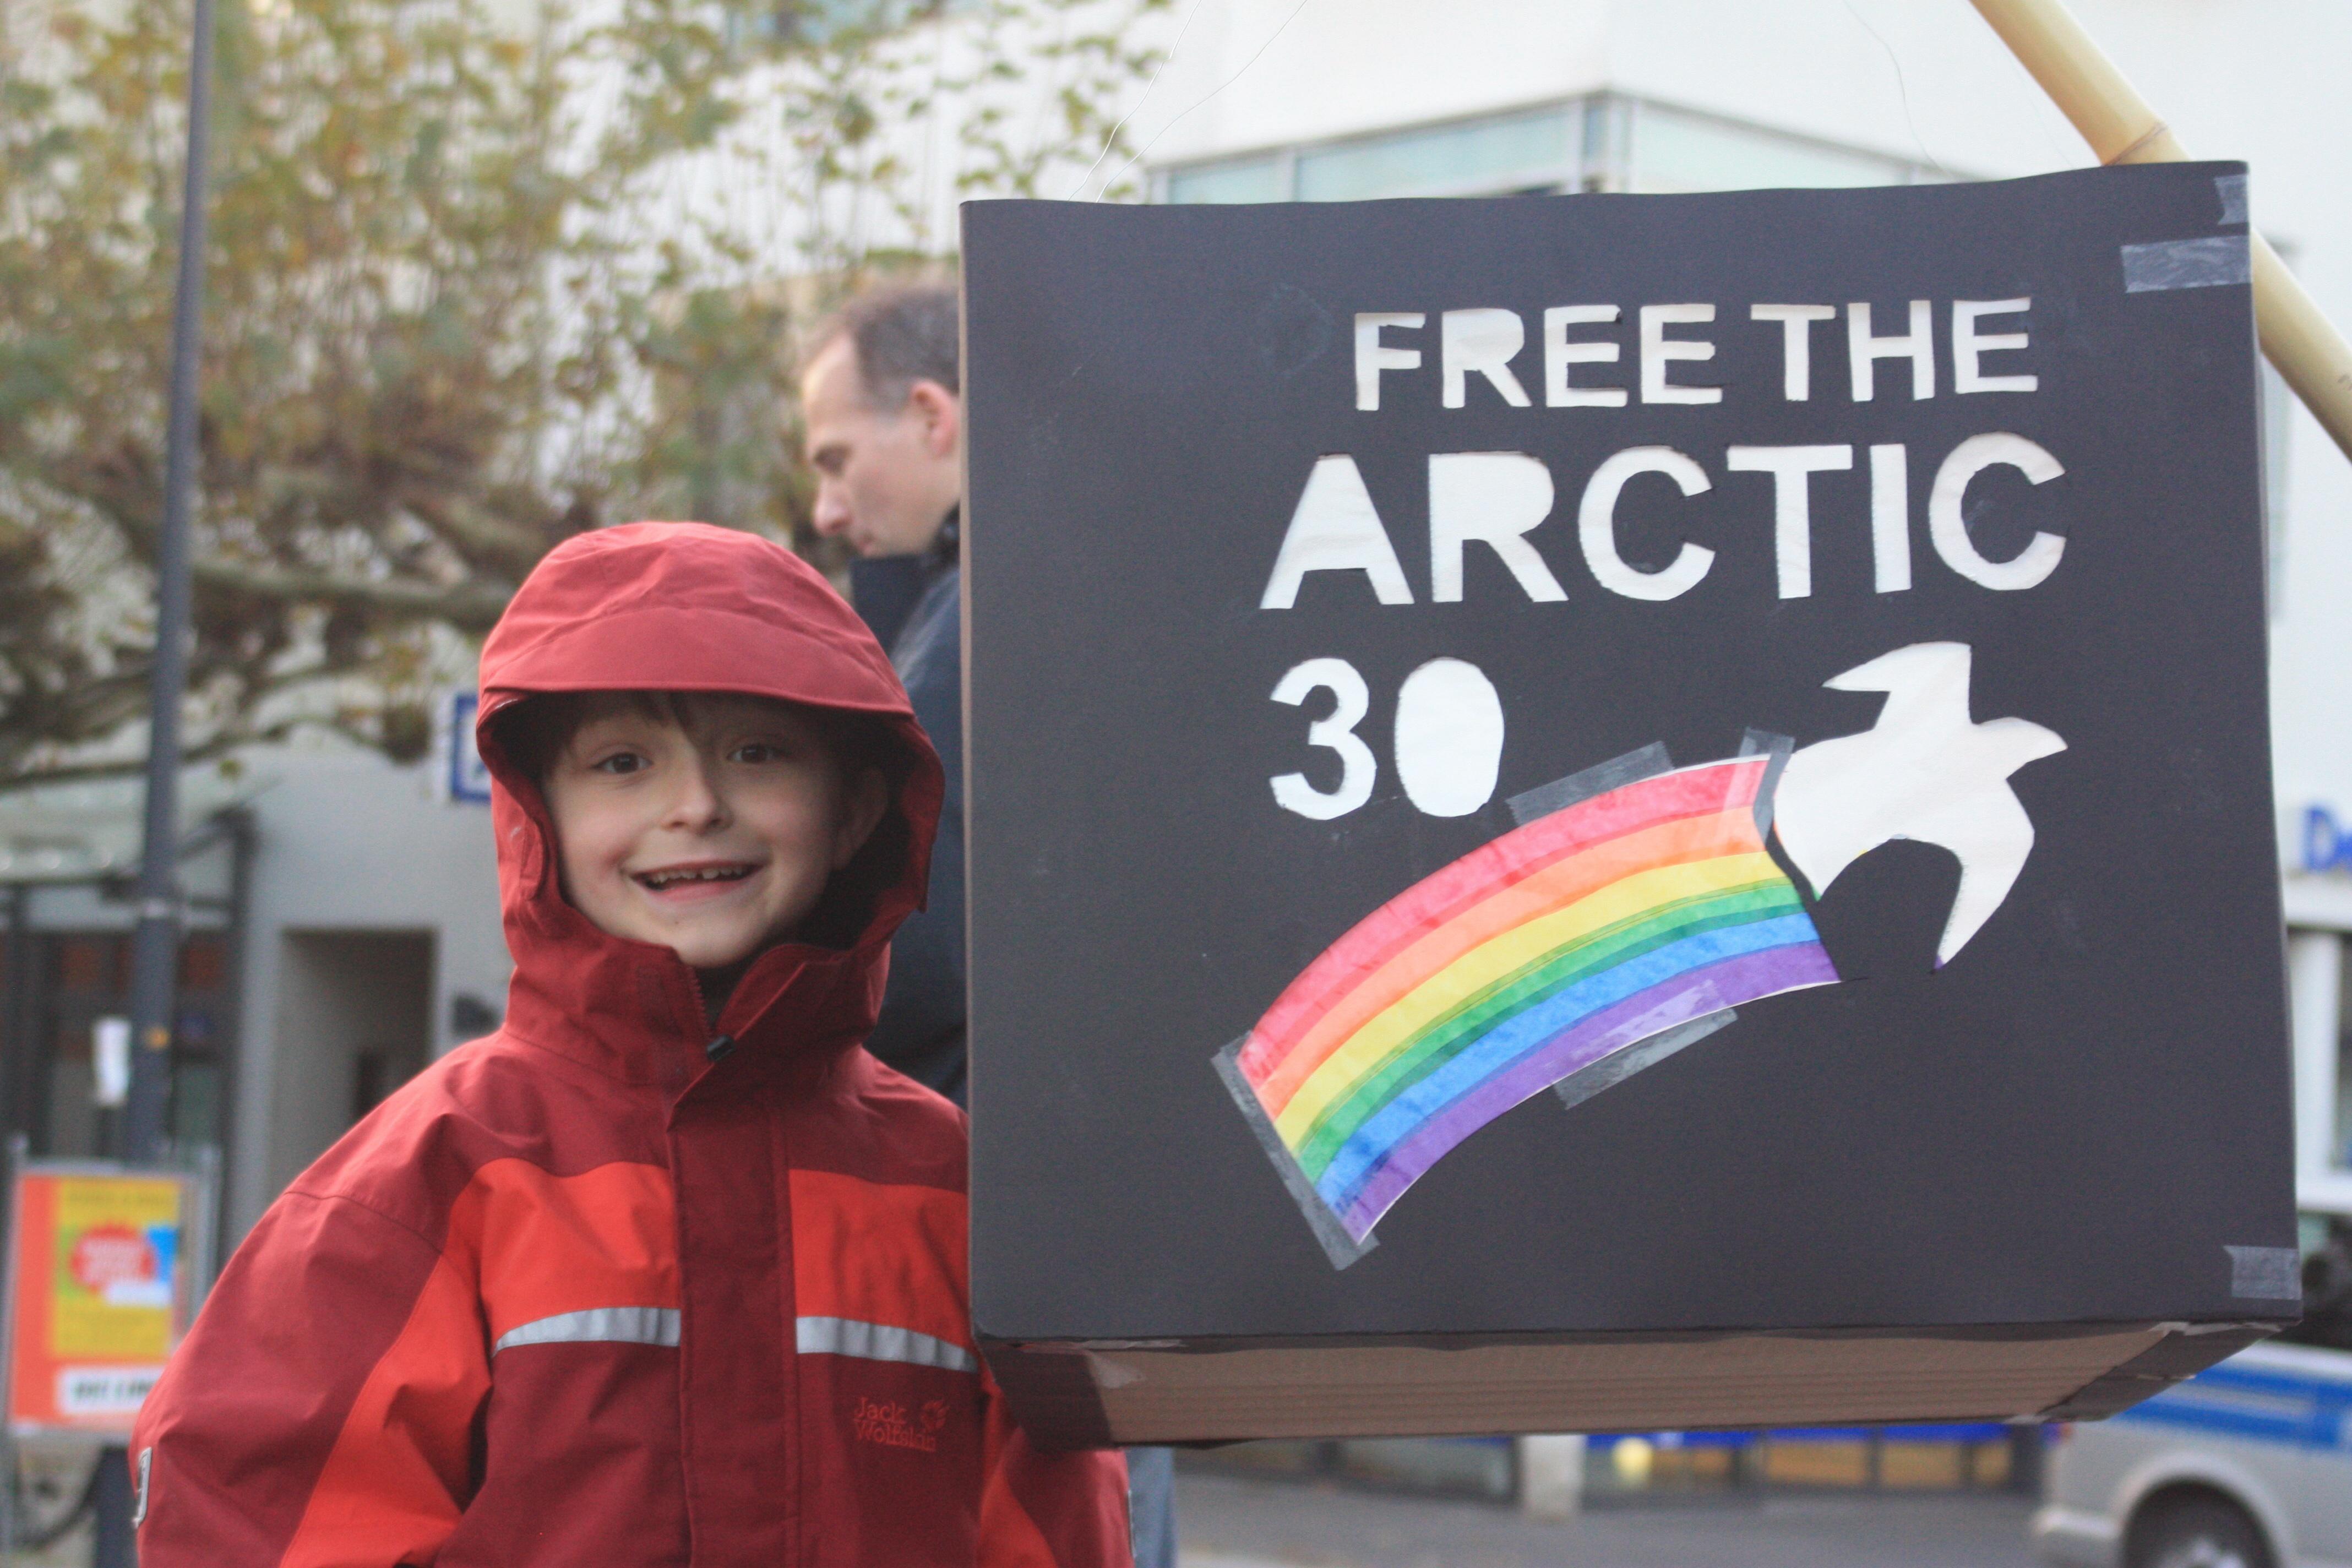 Demonstration in Germany, 2013 (Irene Quaile/Deutsche Welle)